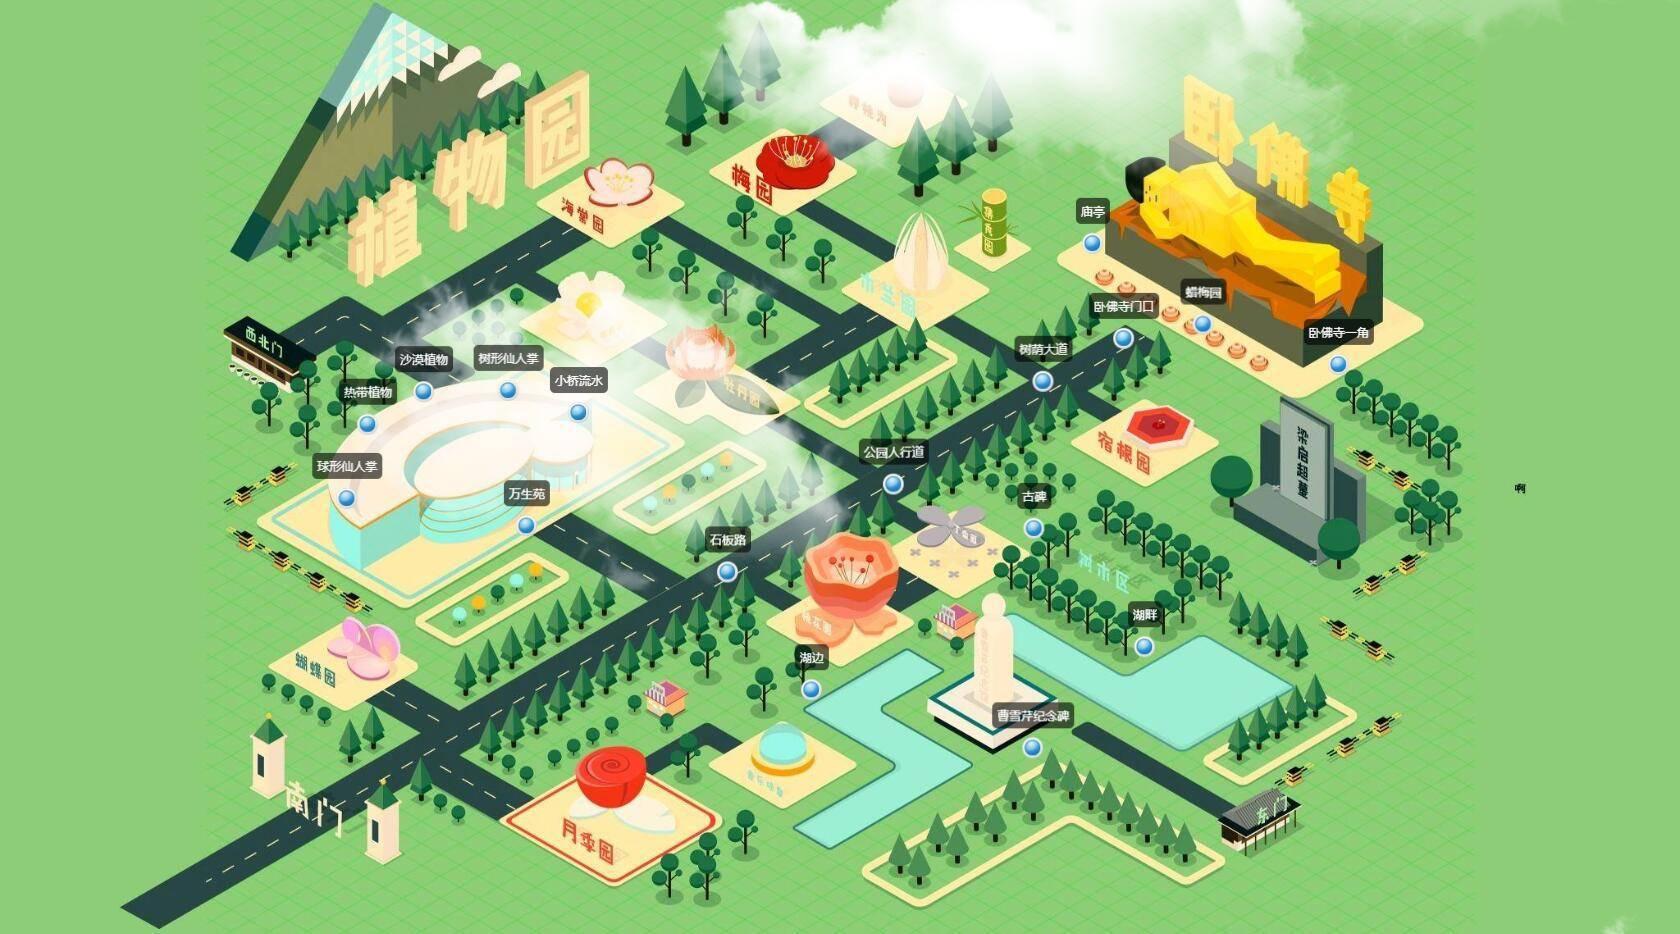 如何制作上传360全景地图,与传统地图有何区别优势?-酷雷曼全景问答